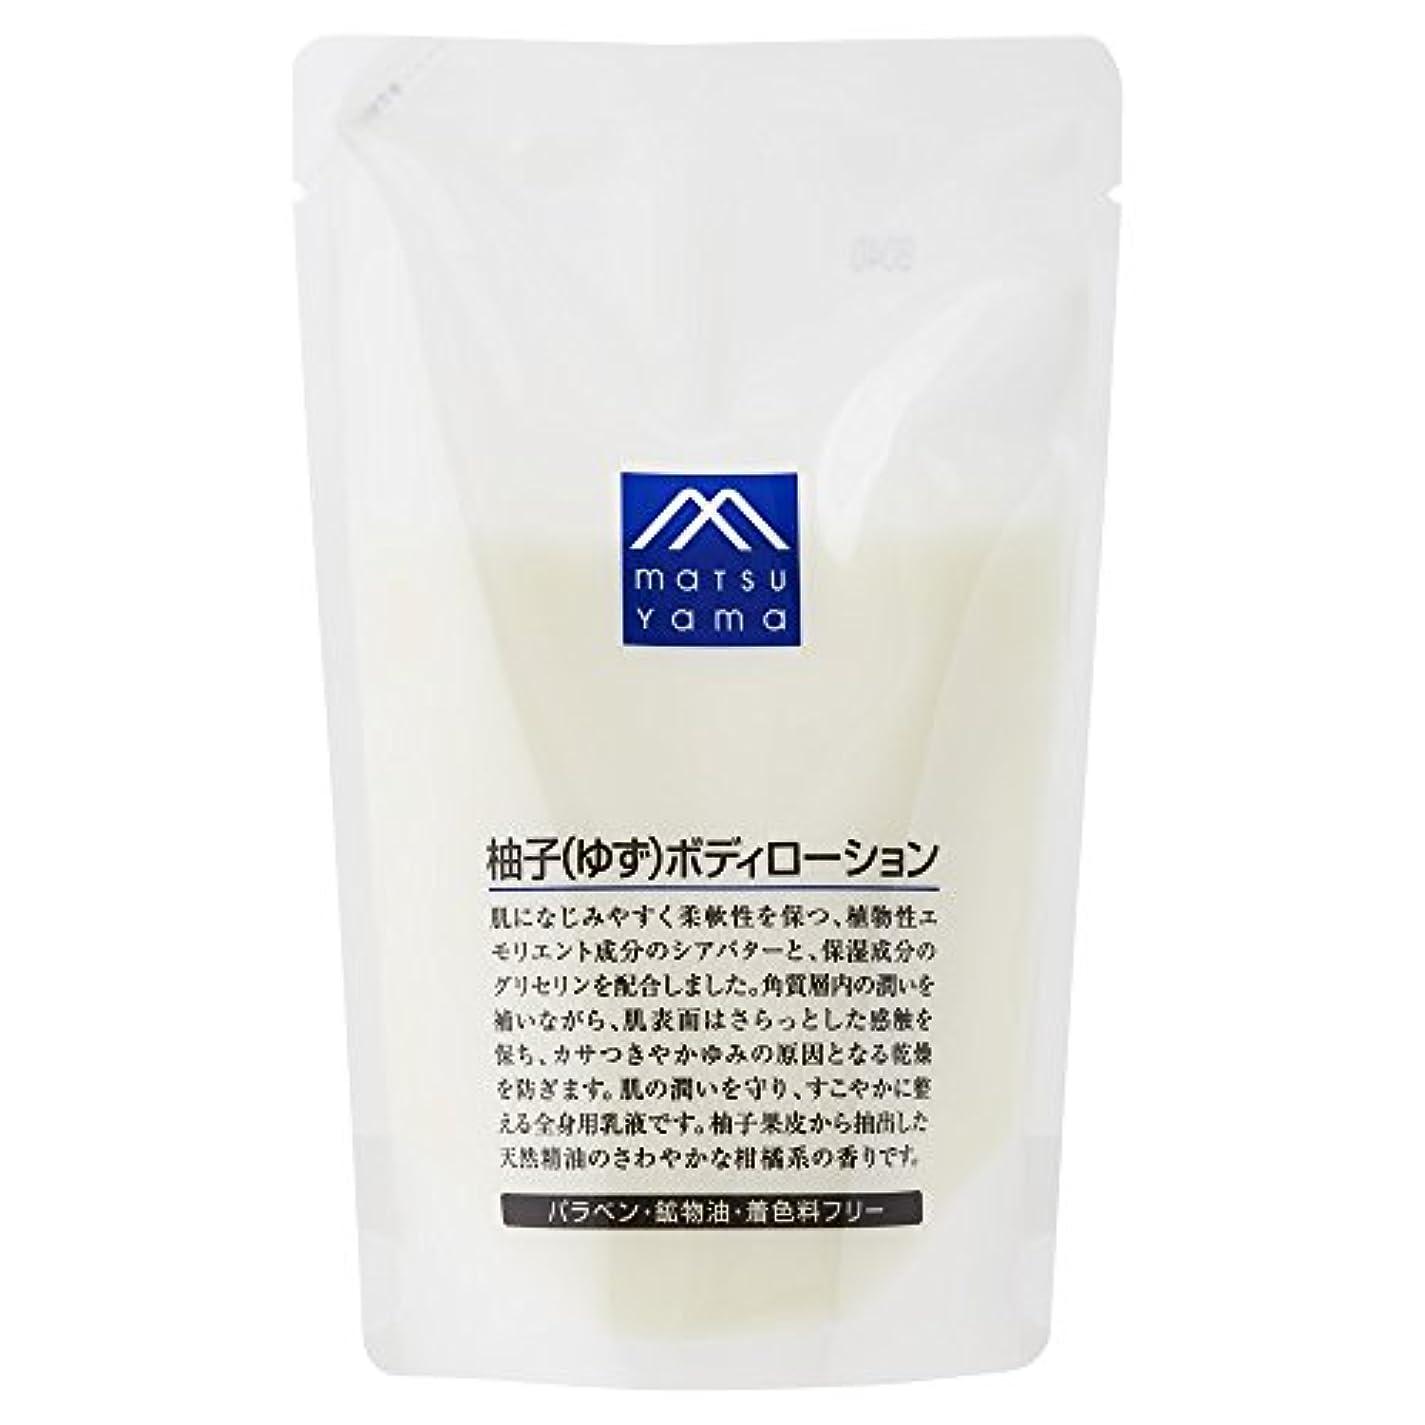 悪意のあるシャワー癌M-mark 柚子(ゆず)ボディローション詰替用